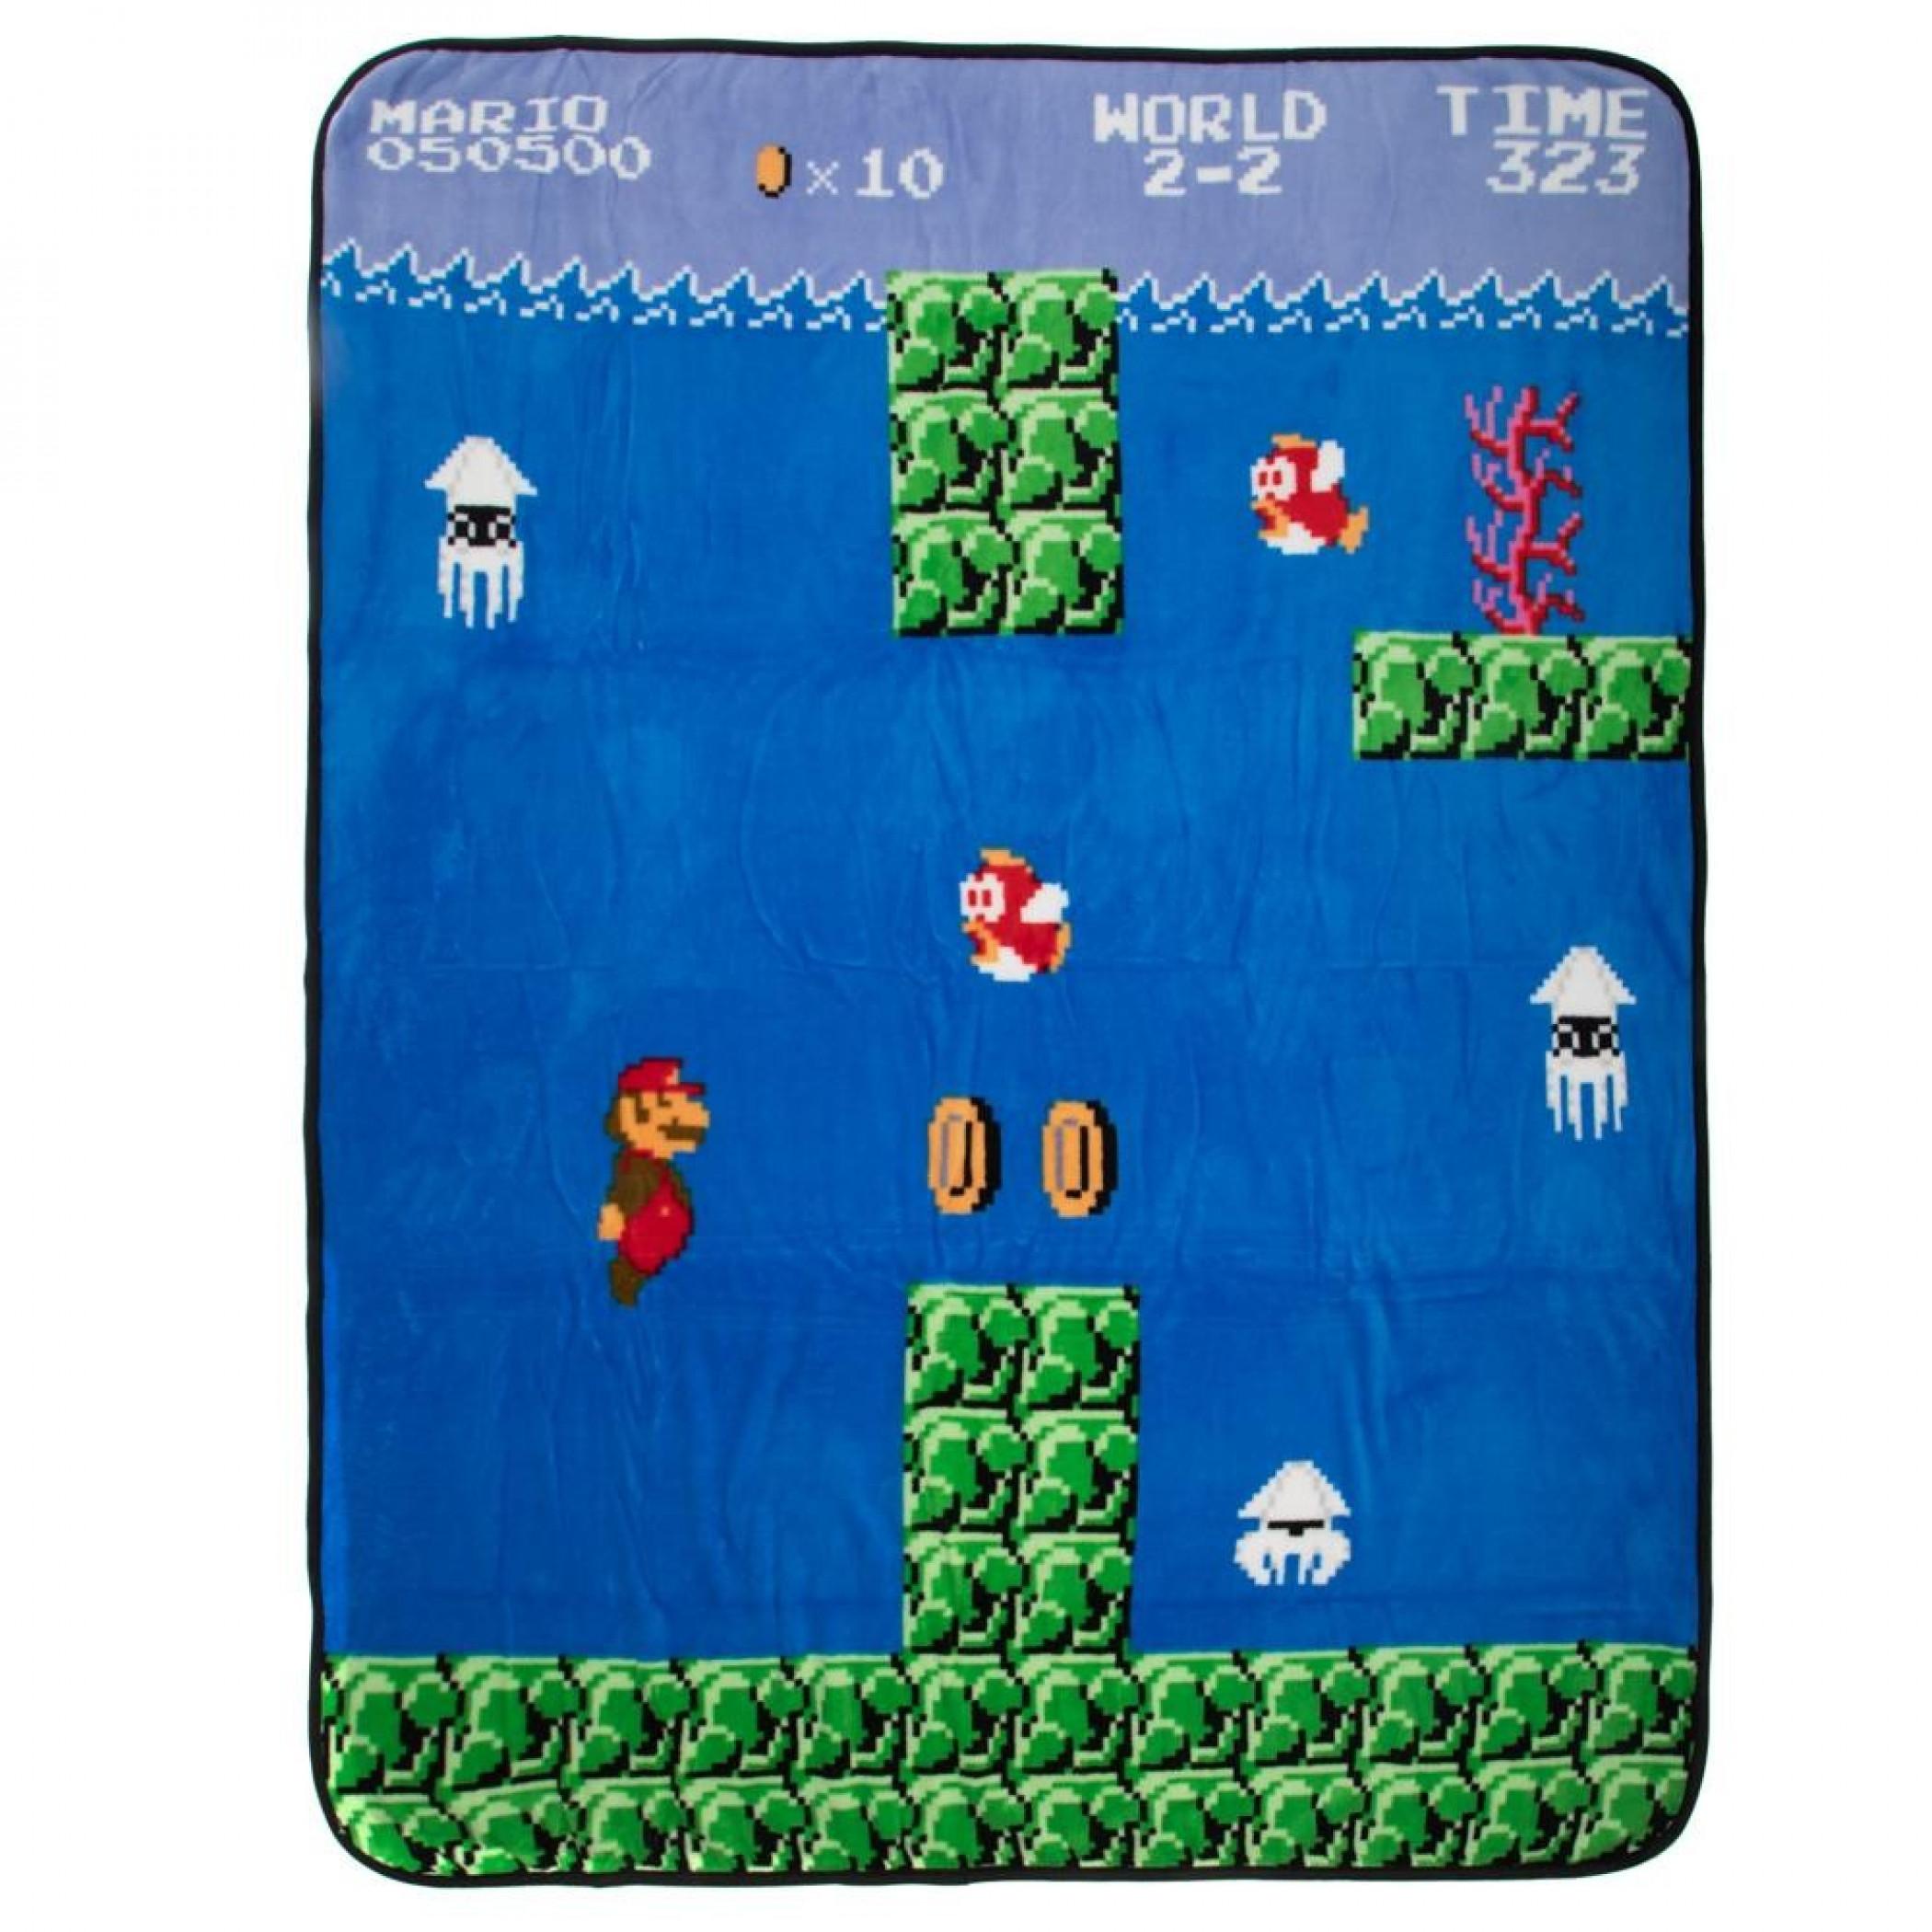 Super Mario Water World 2-2 Fleece Blanket